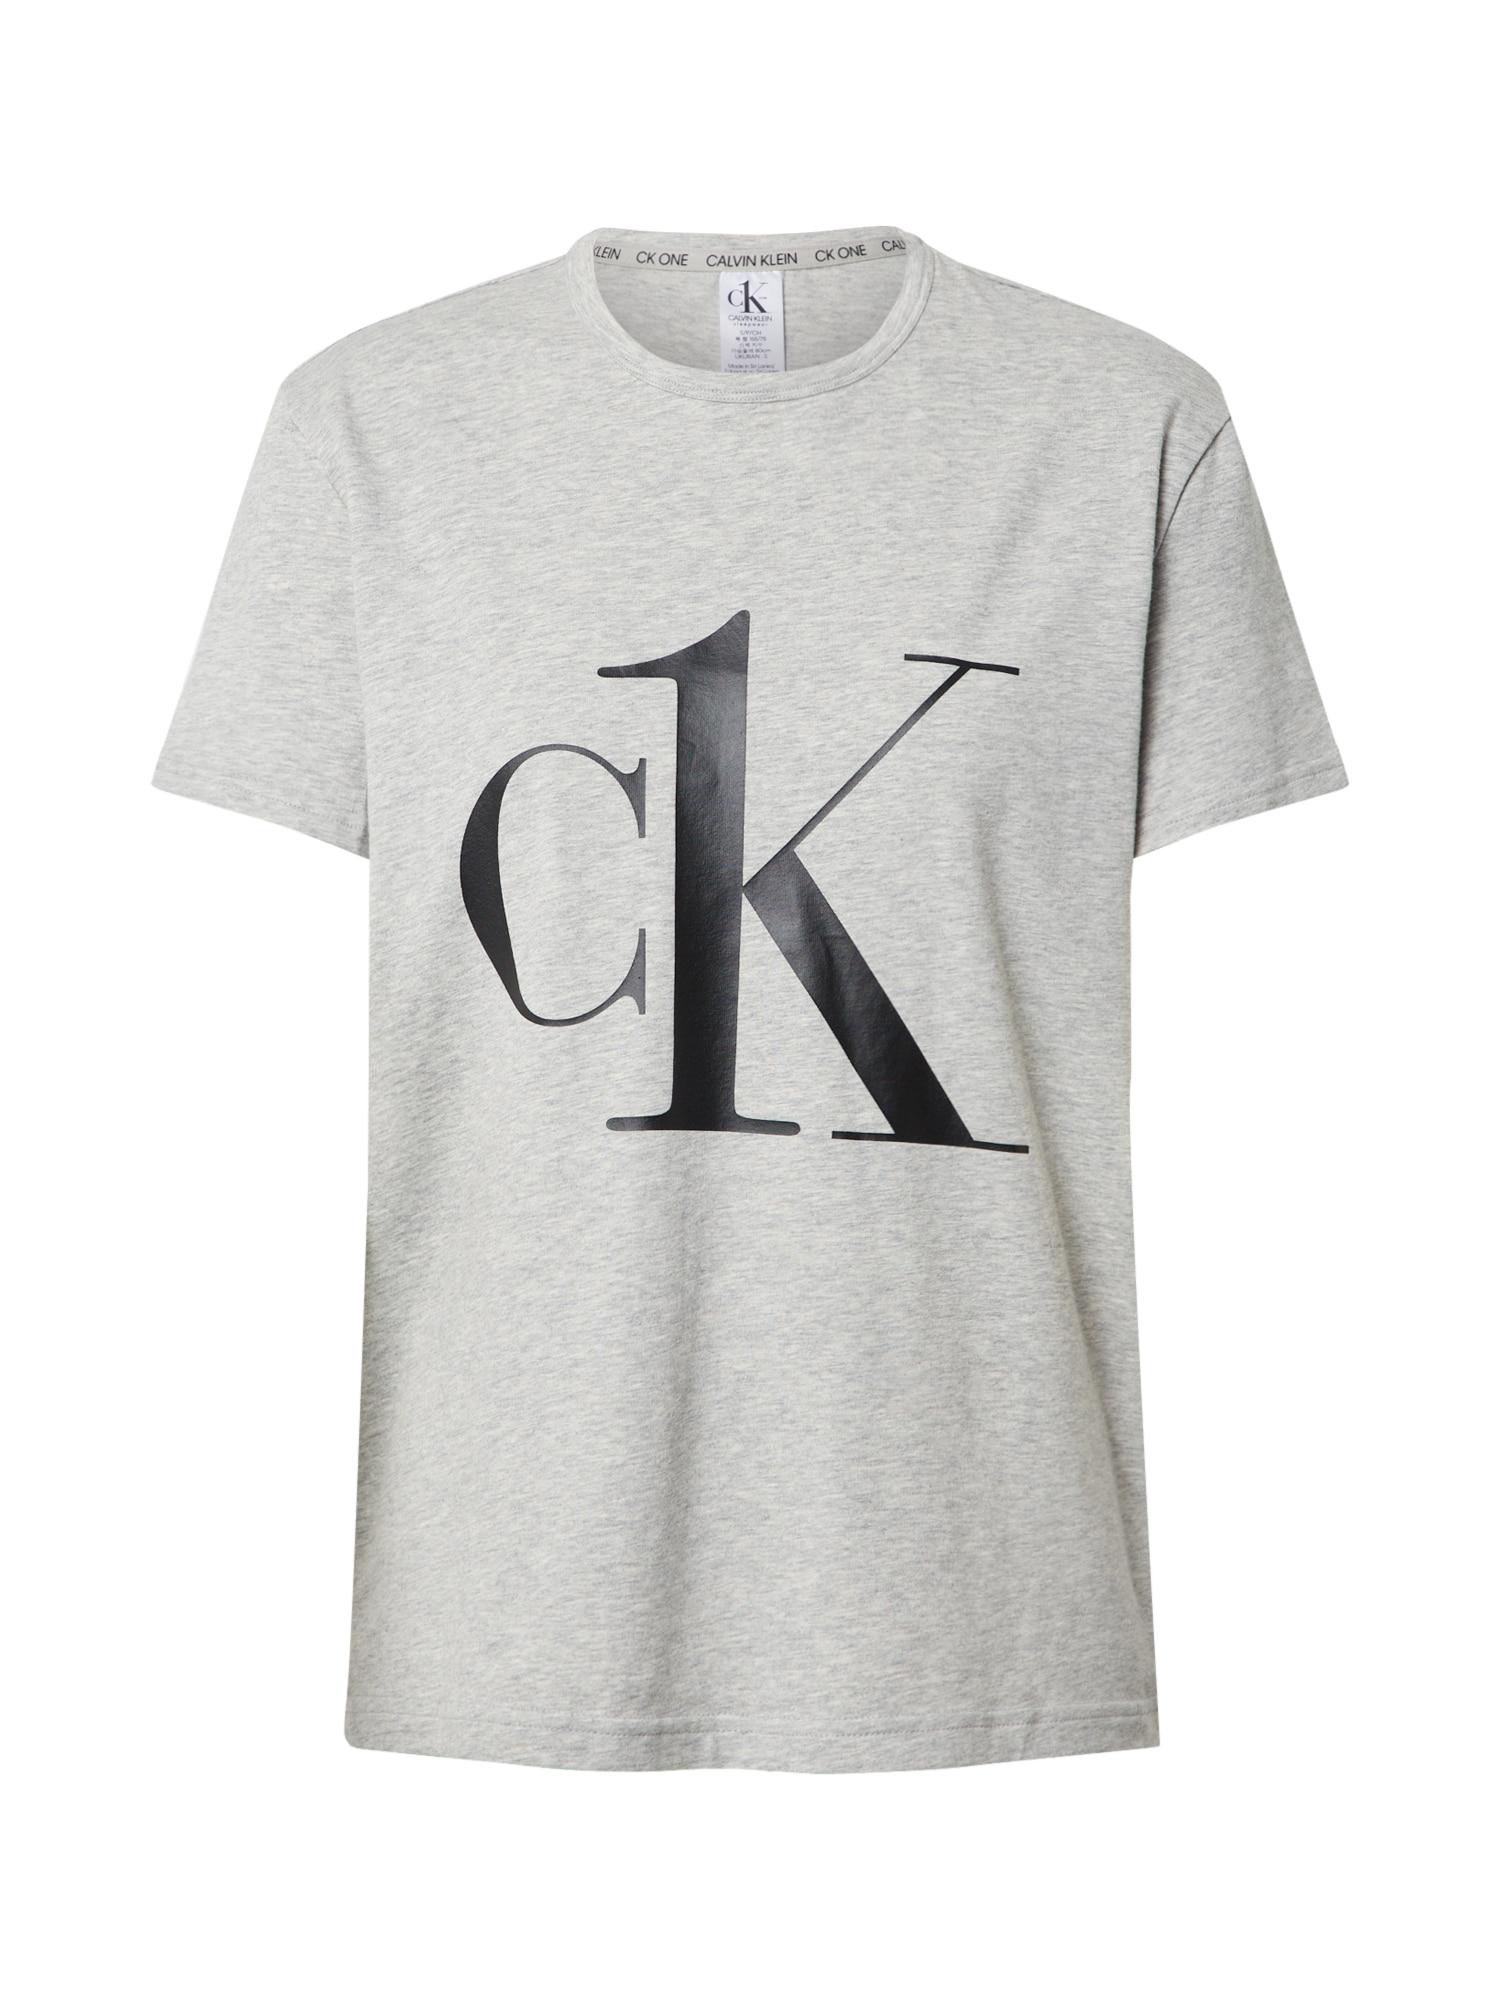 Calvin Klein Underwear Pižaminiai marškinėliai juoda / pilka